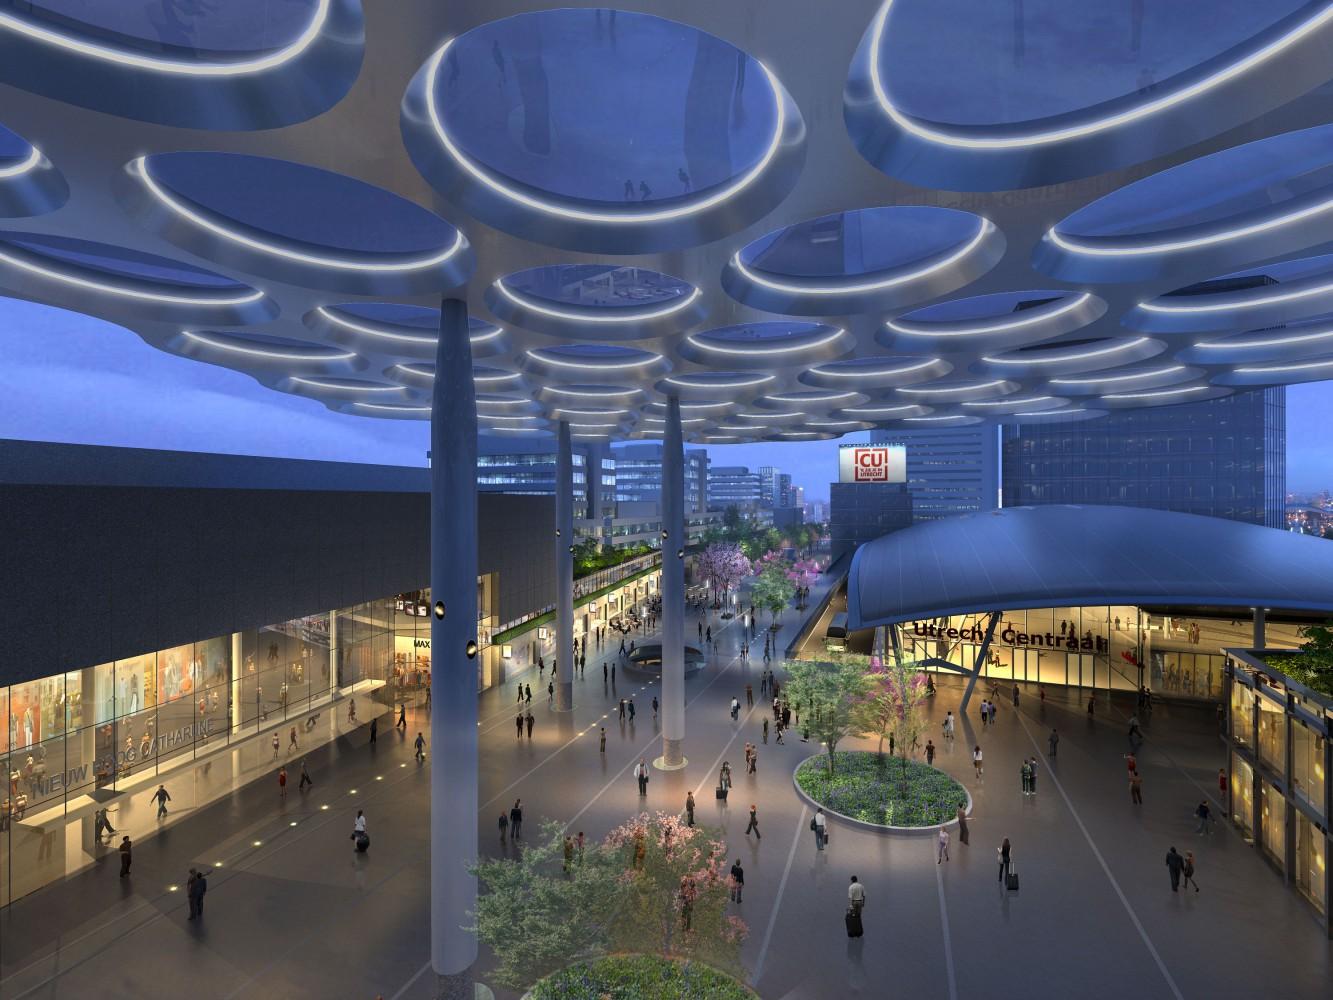 buro-sant-en-co-landschapsarchitectuur-stationsplein-oost-utrecht-centraal-station-ontwerp-herinrichting-fietsparkeerkelder-groendak-impressie-1